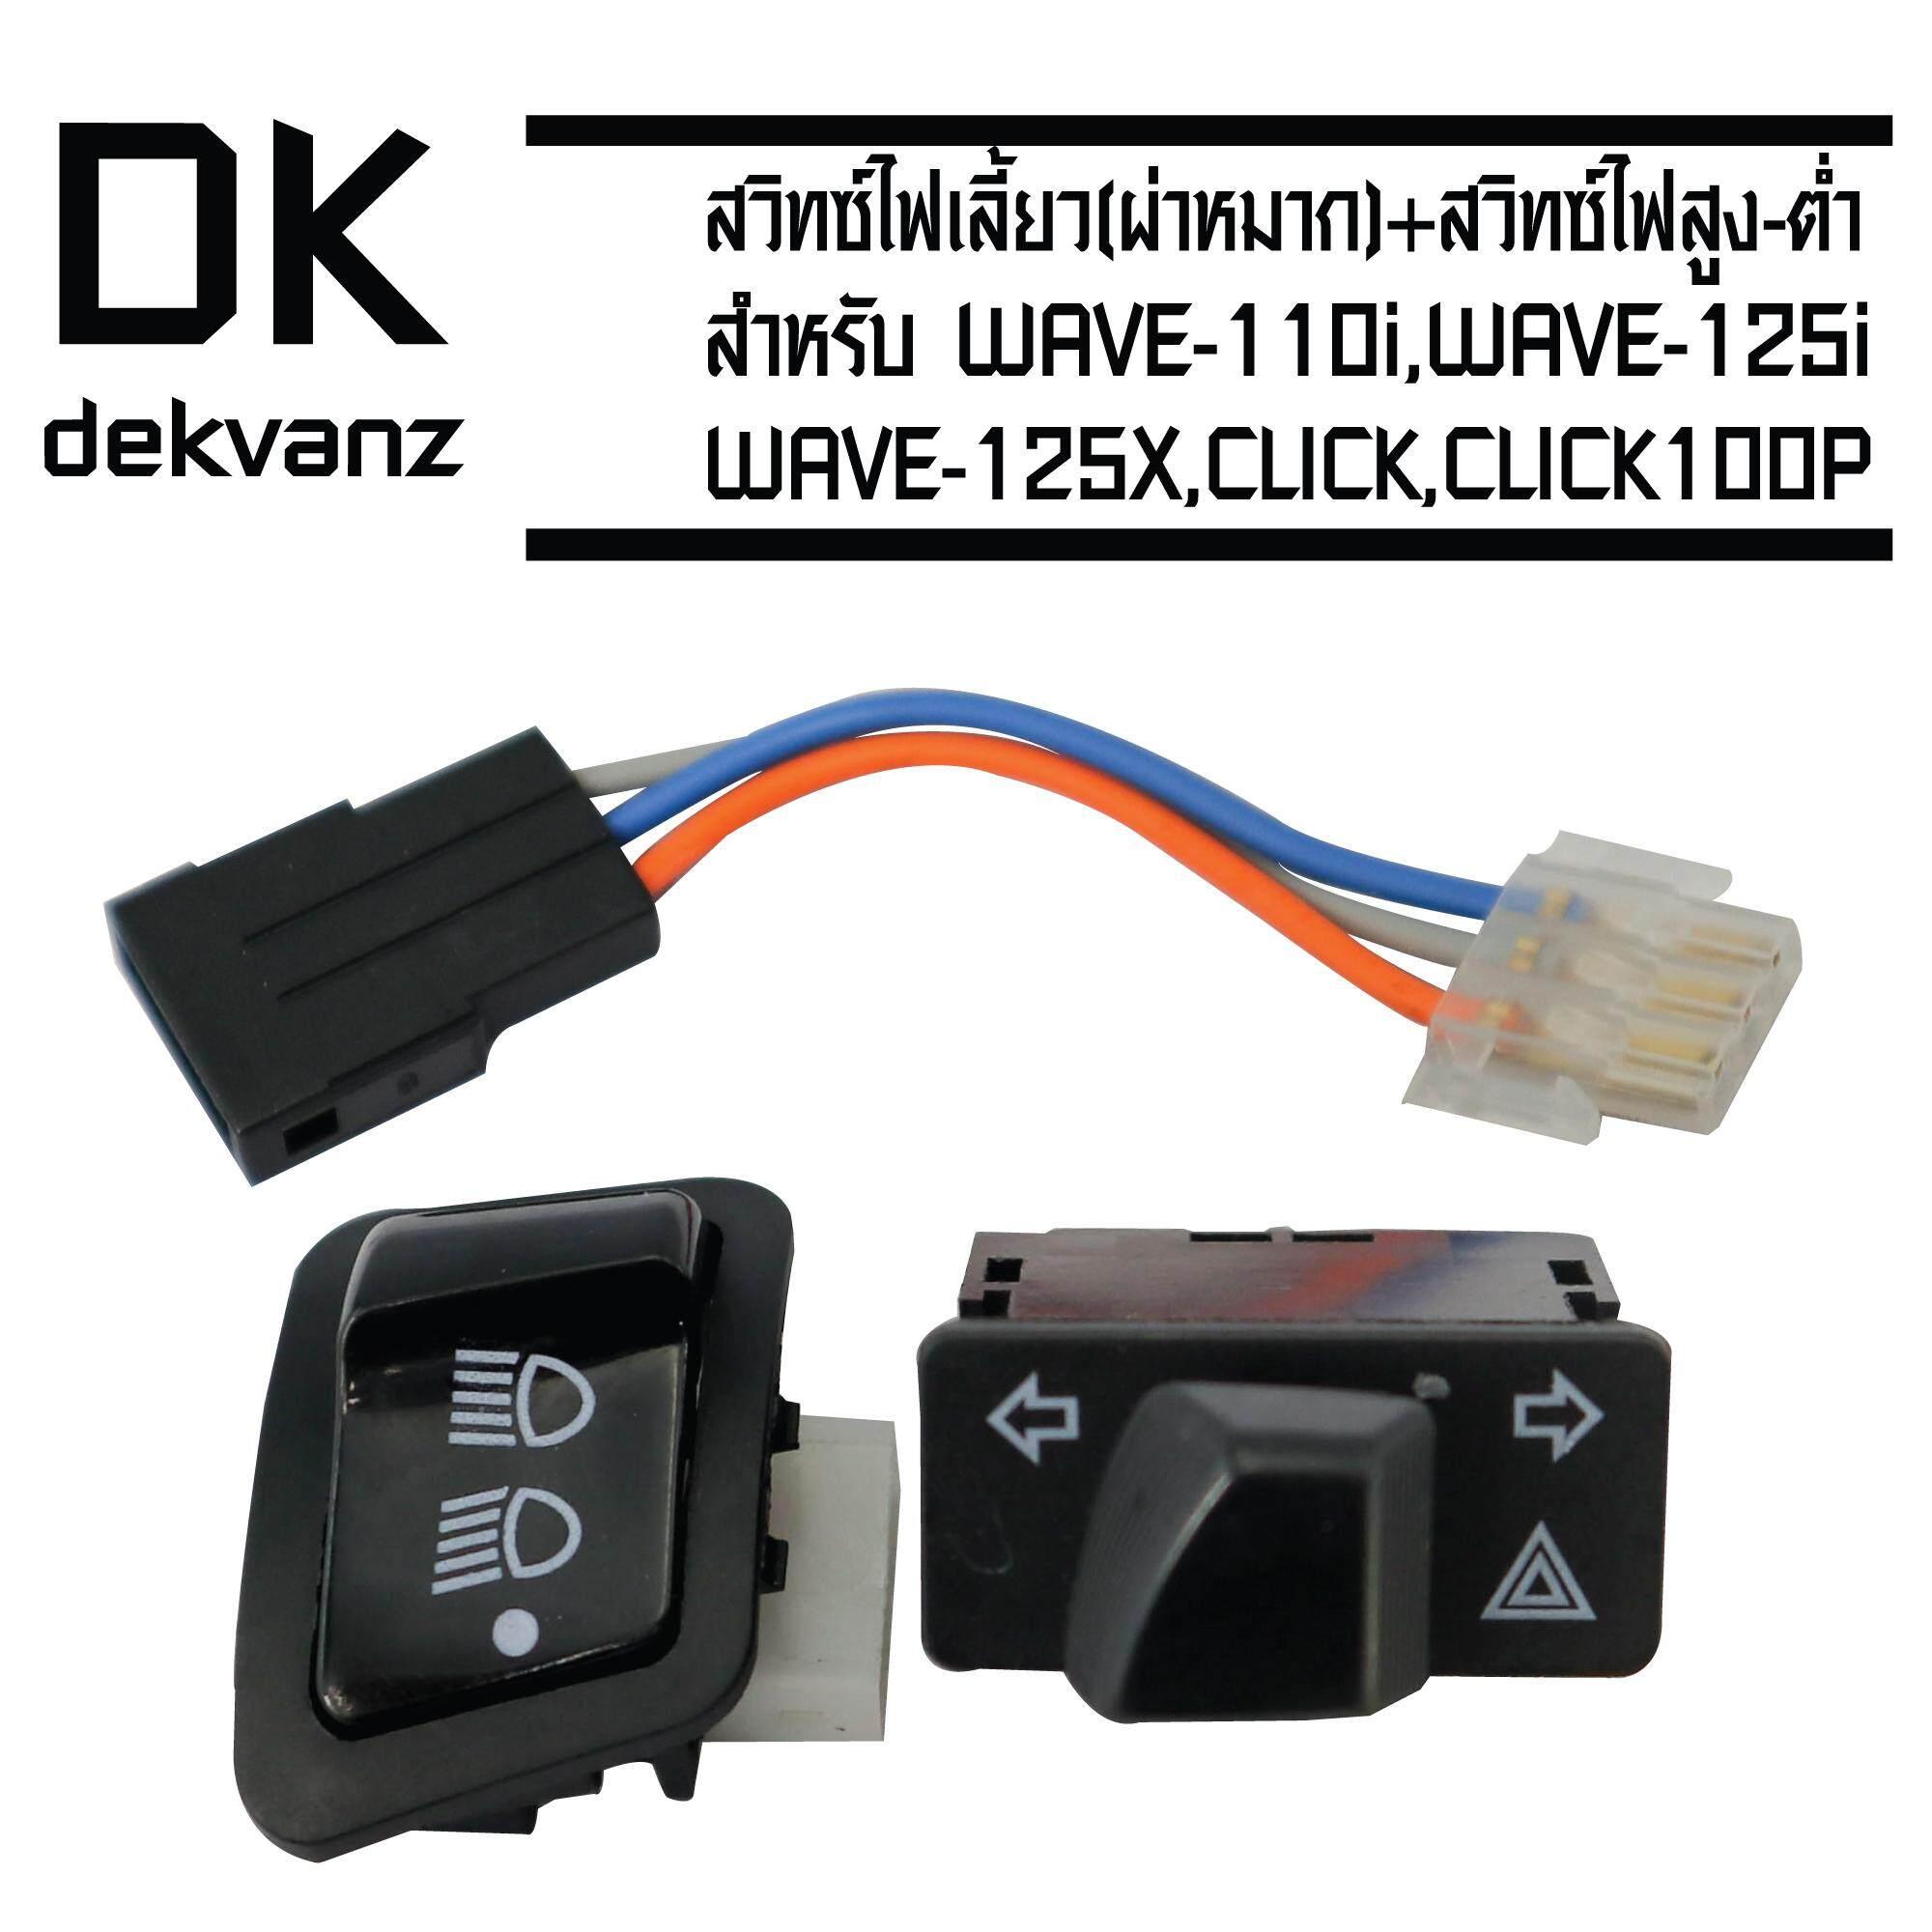 (ชุดสวิตช์สุดคุ้ม) สวิทช์ไฟเลี้ยว (ผ่าหมาก) สำหรับ WAVE-125i / WAVE-110i / CLICK-i / PCX / + สวิทซ์ไฟสูง-ต่ำ (3 steps) เปิด-ปิดไฟหน้า สำหรับ WAVE-110i, SCOOPY-i, PCX-150, CLICK-125i (รุ่น ไม่ใช่ LED)